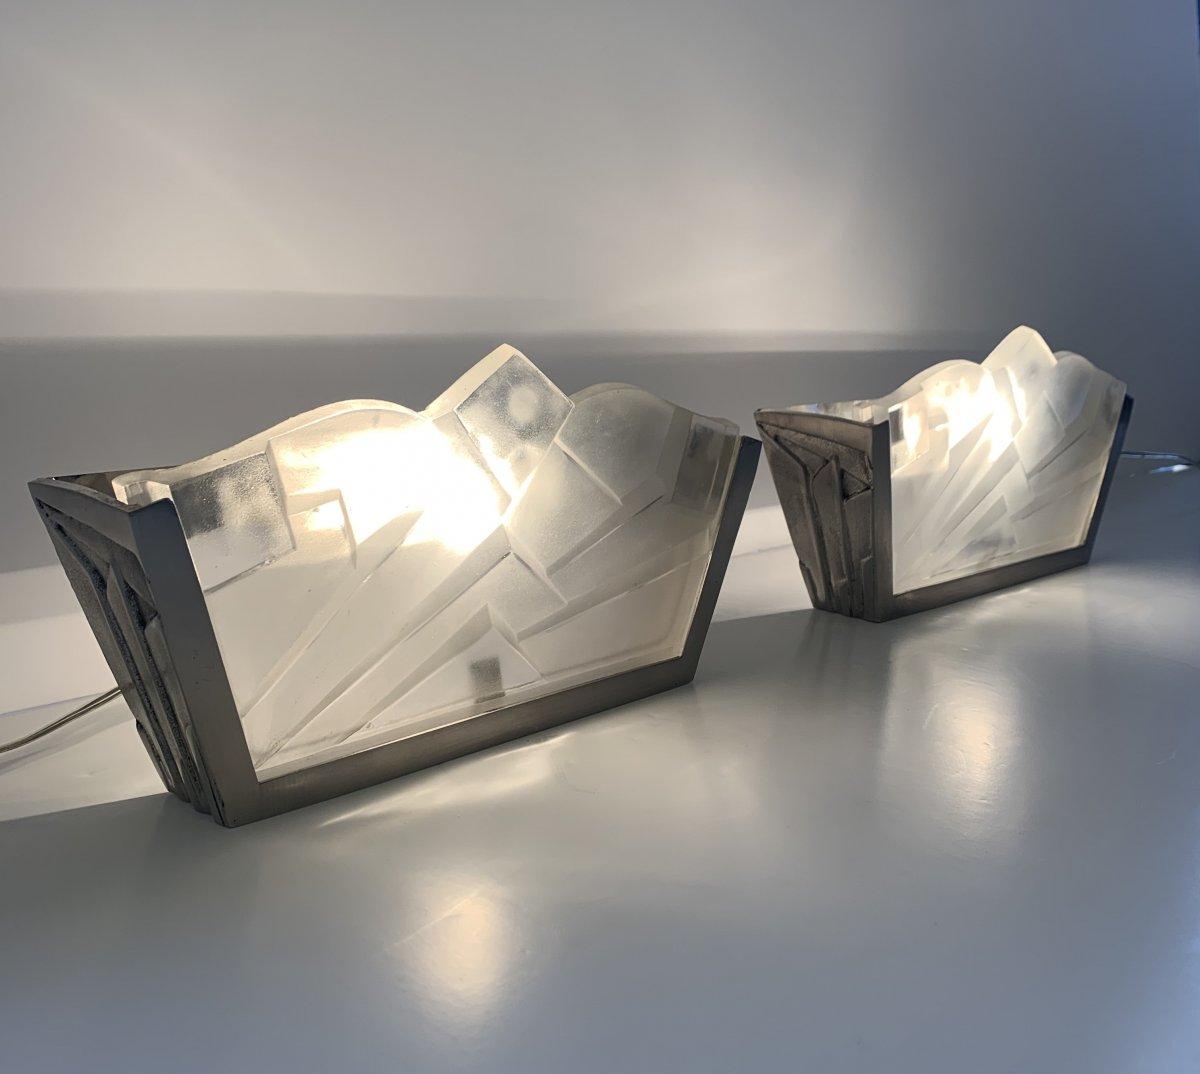 Paire d'Appliques Art Déco Trapézoïdale Signée Degué ( Applique - Lampe Art Deco 1930)